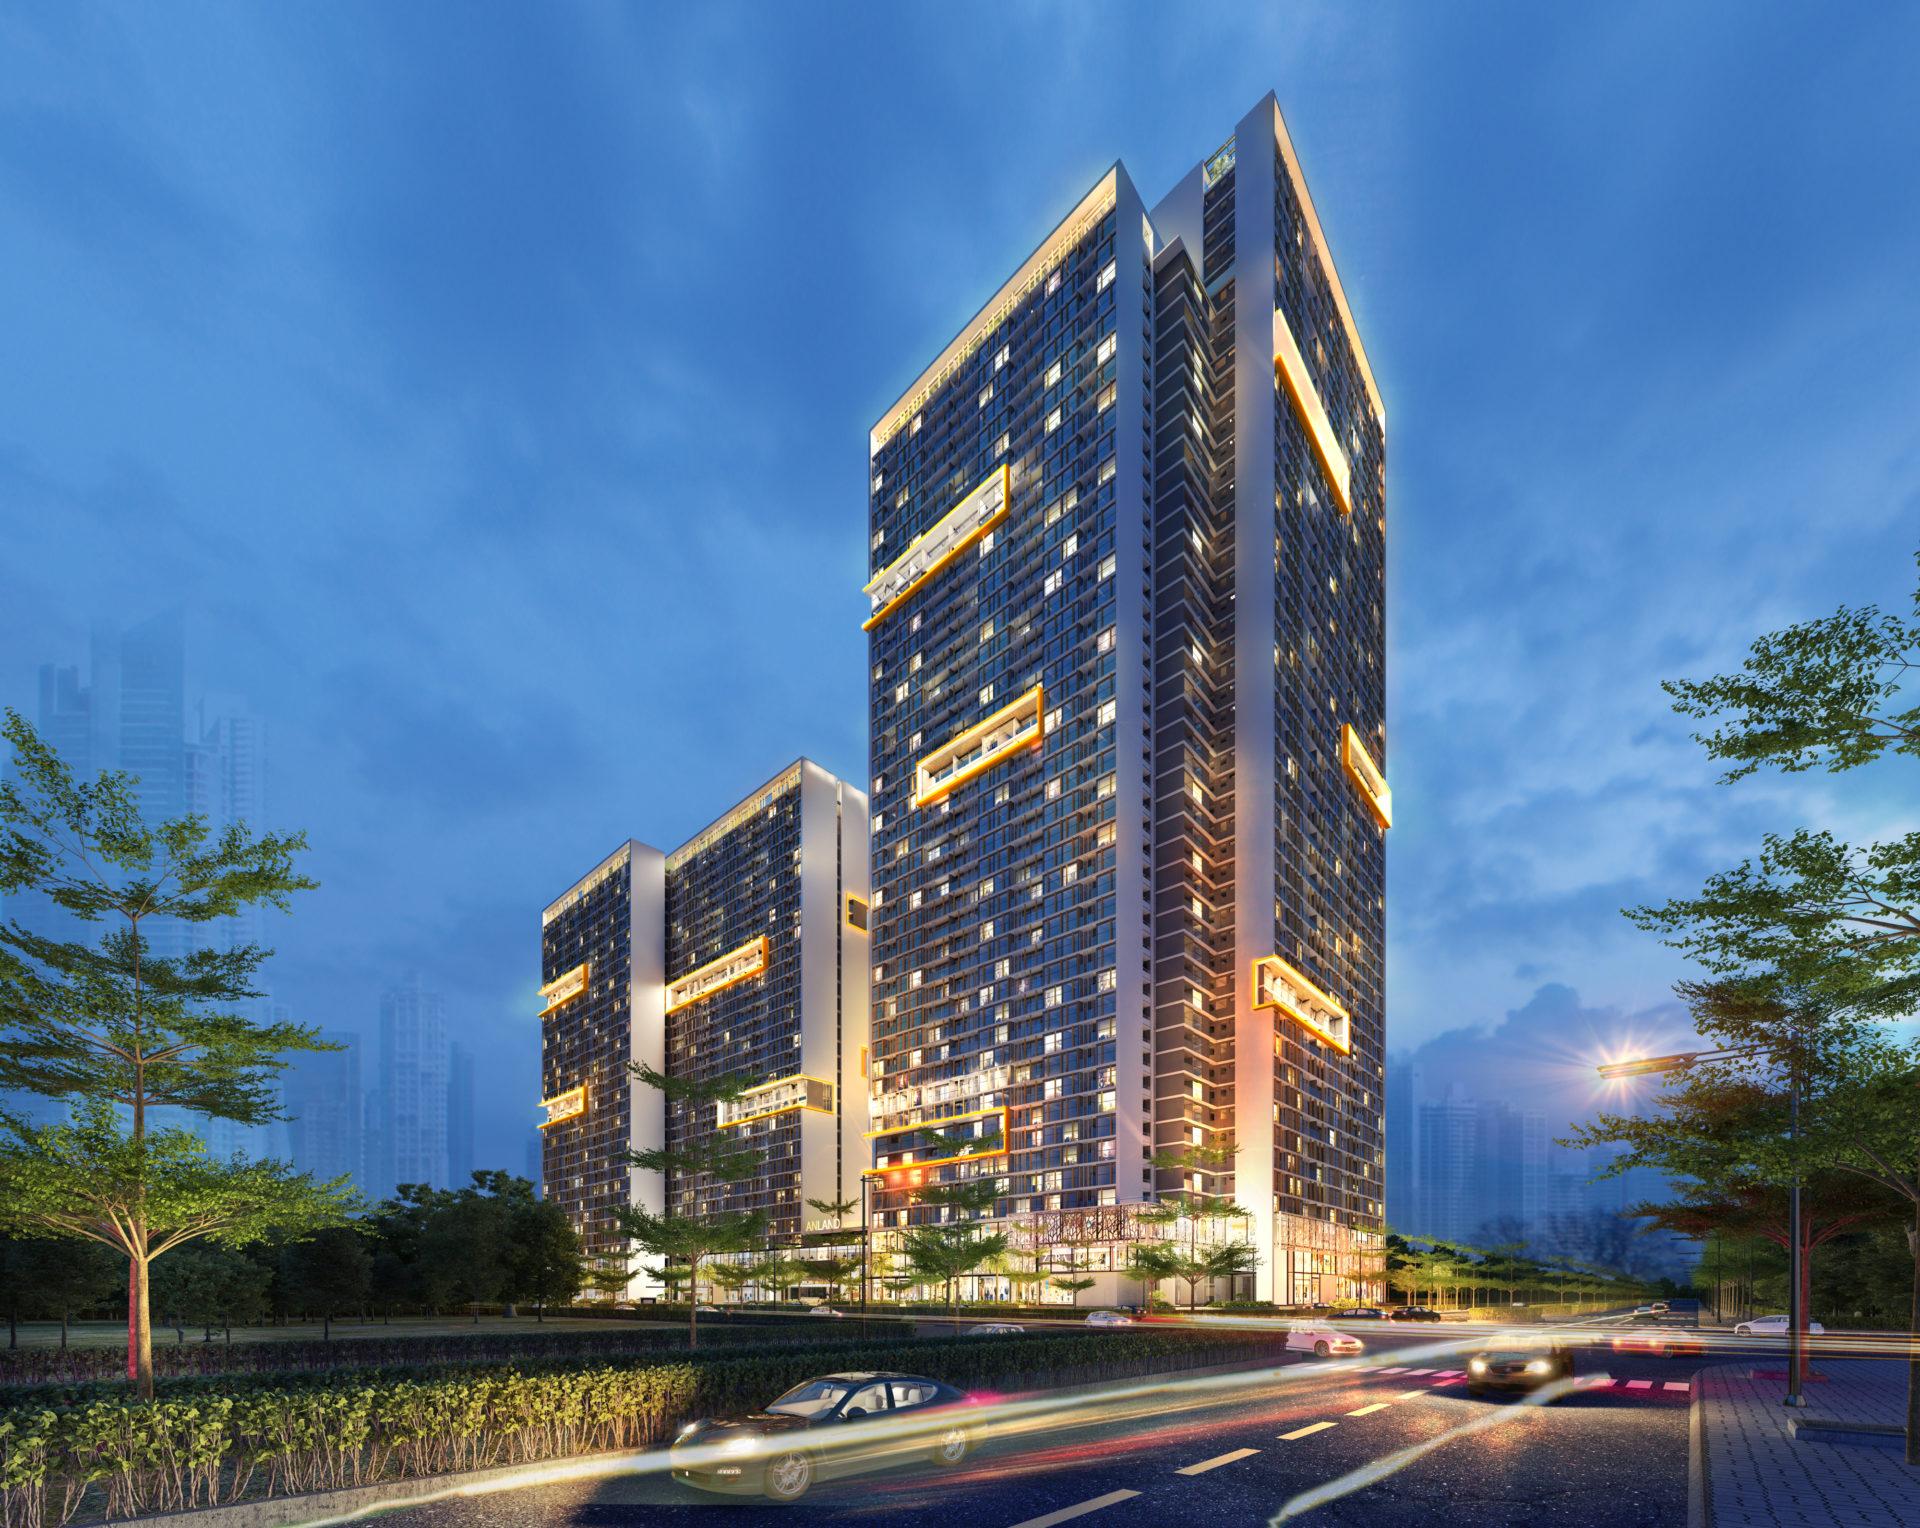 Đâu là 4 dự án chung cư tiềm năng ở ngoại thành Hà Nội và lý do bạn phải lưu trong danh sách đáng lưu tâm - Ảnh 4.